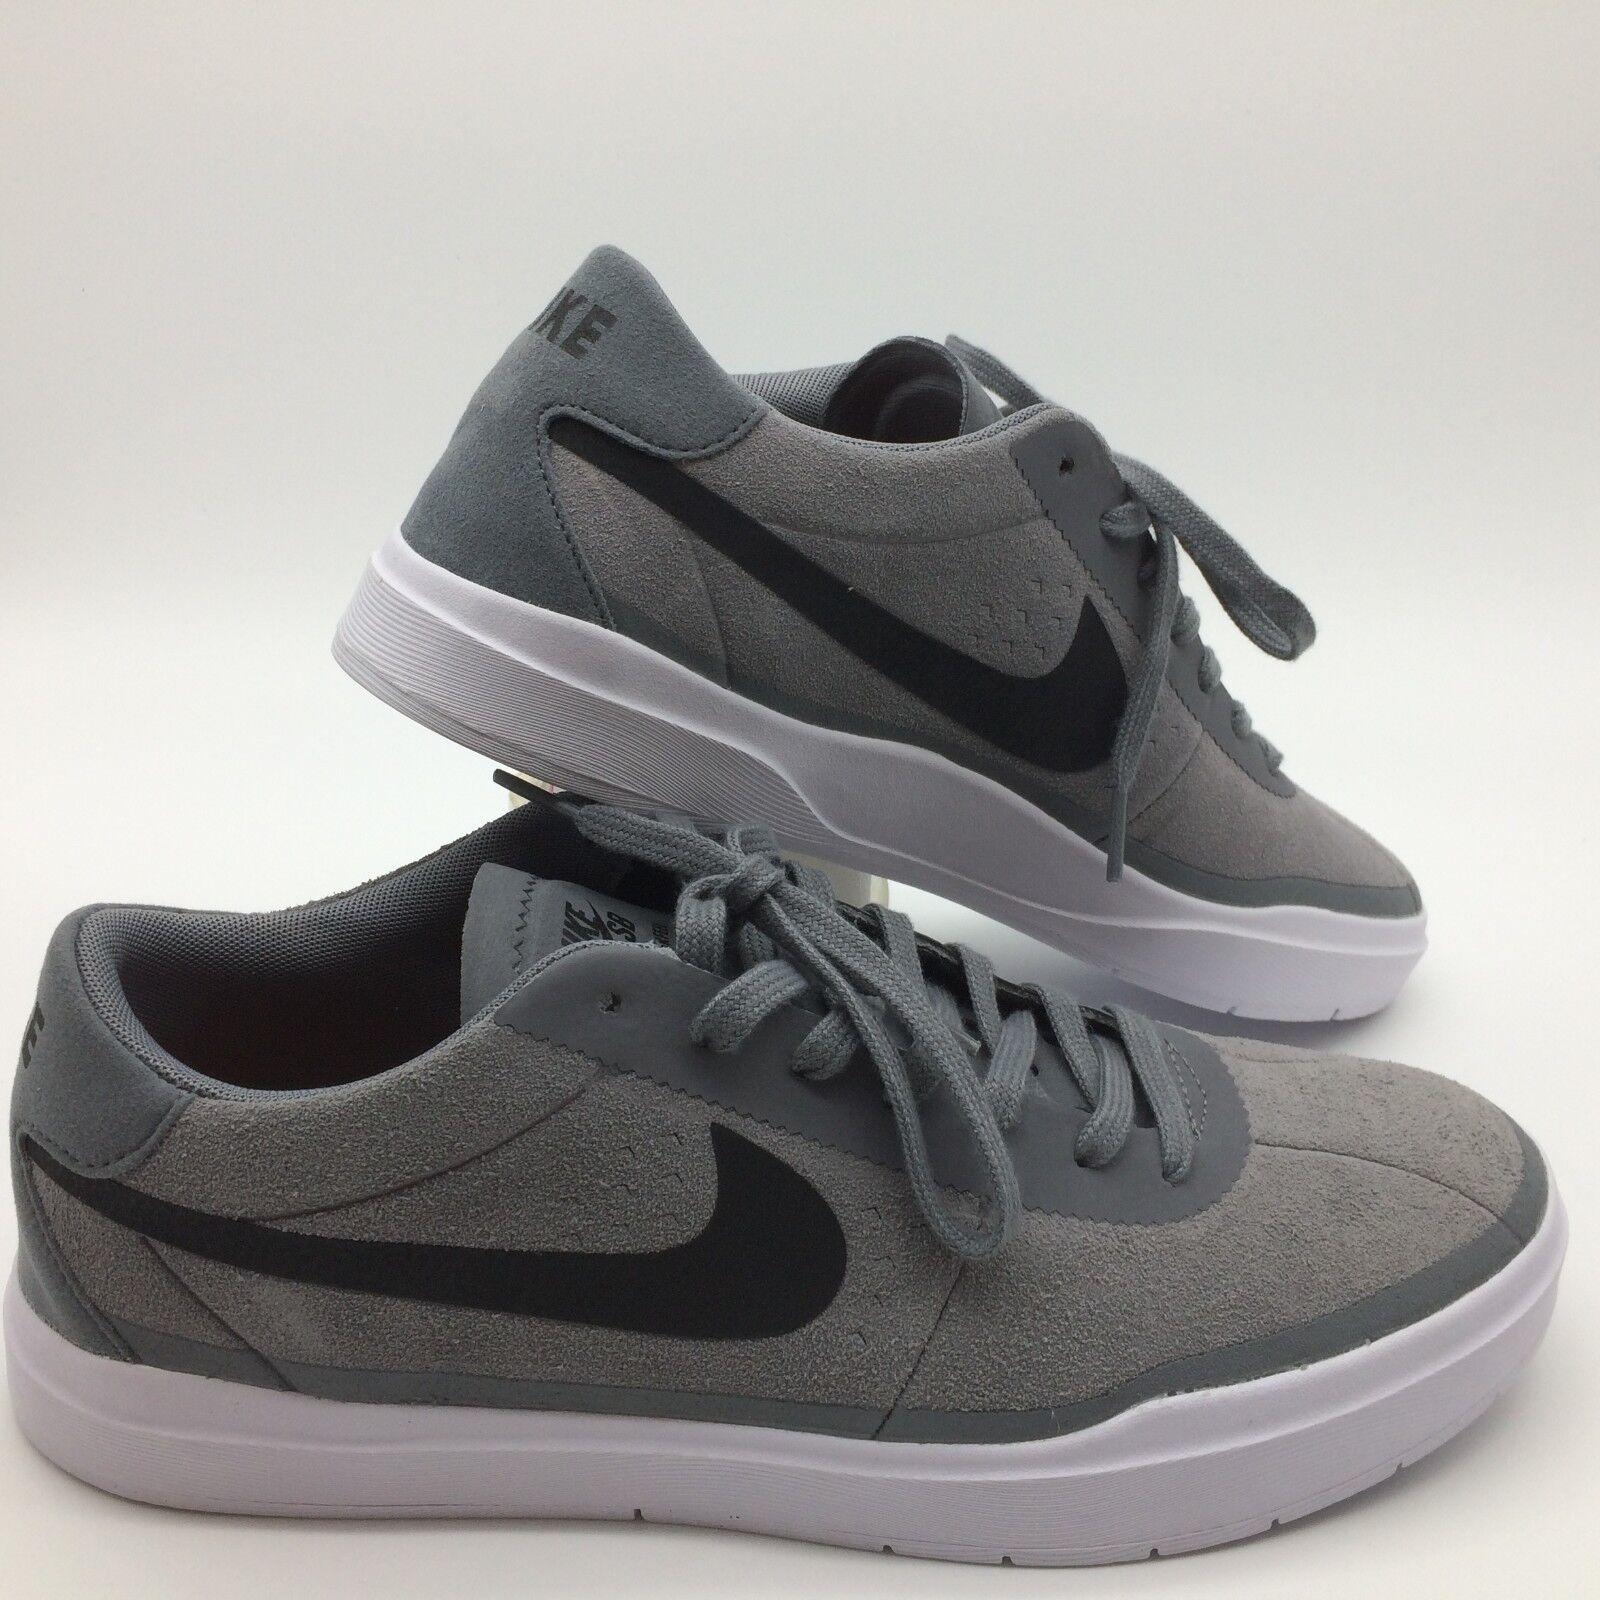 Nike uomini max edge scarpe nere dimensioni dimensioni nere 17 scarpe da corsa 859a92